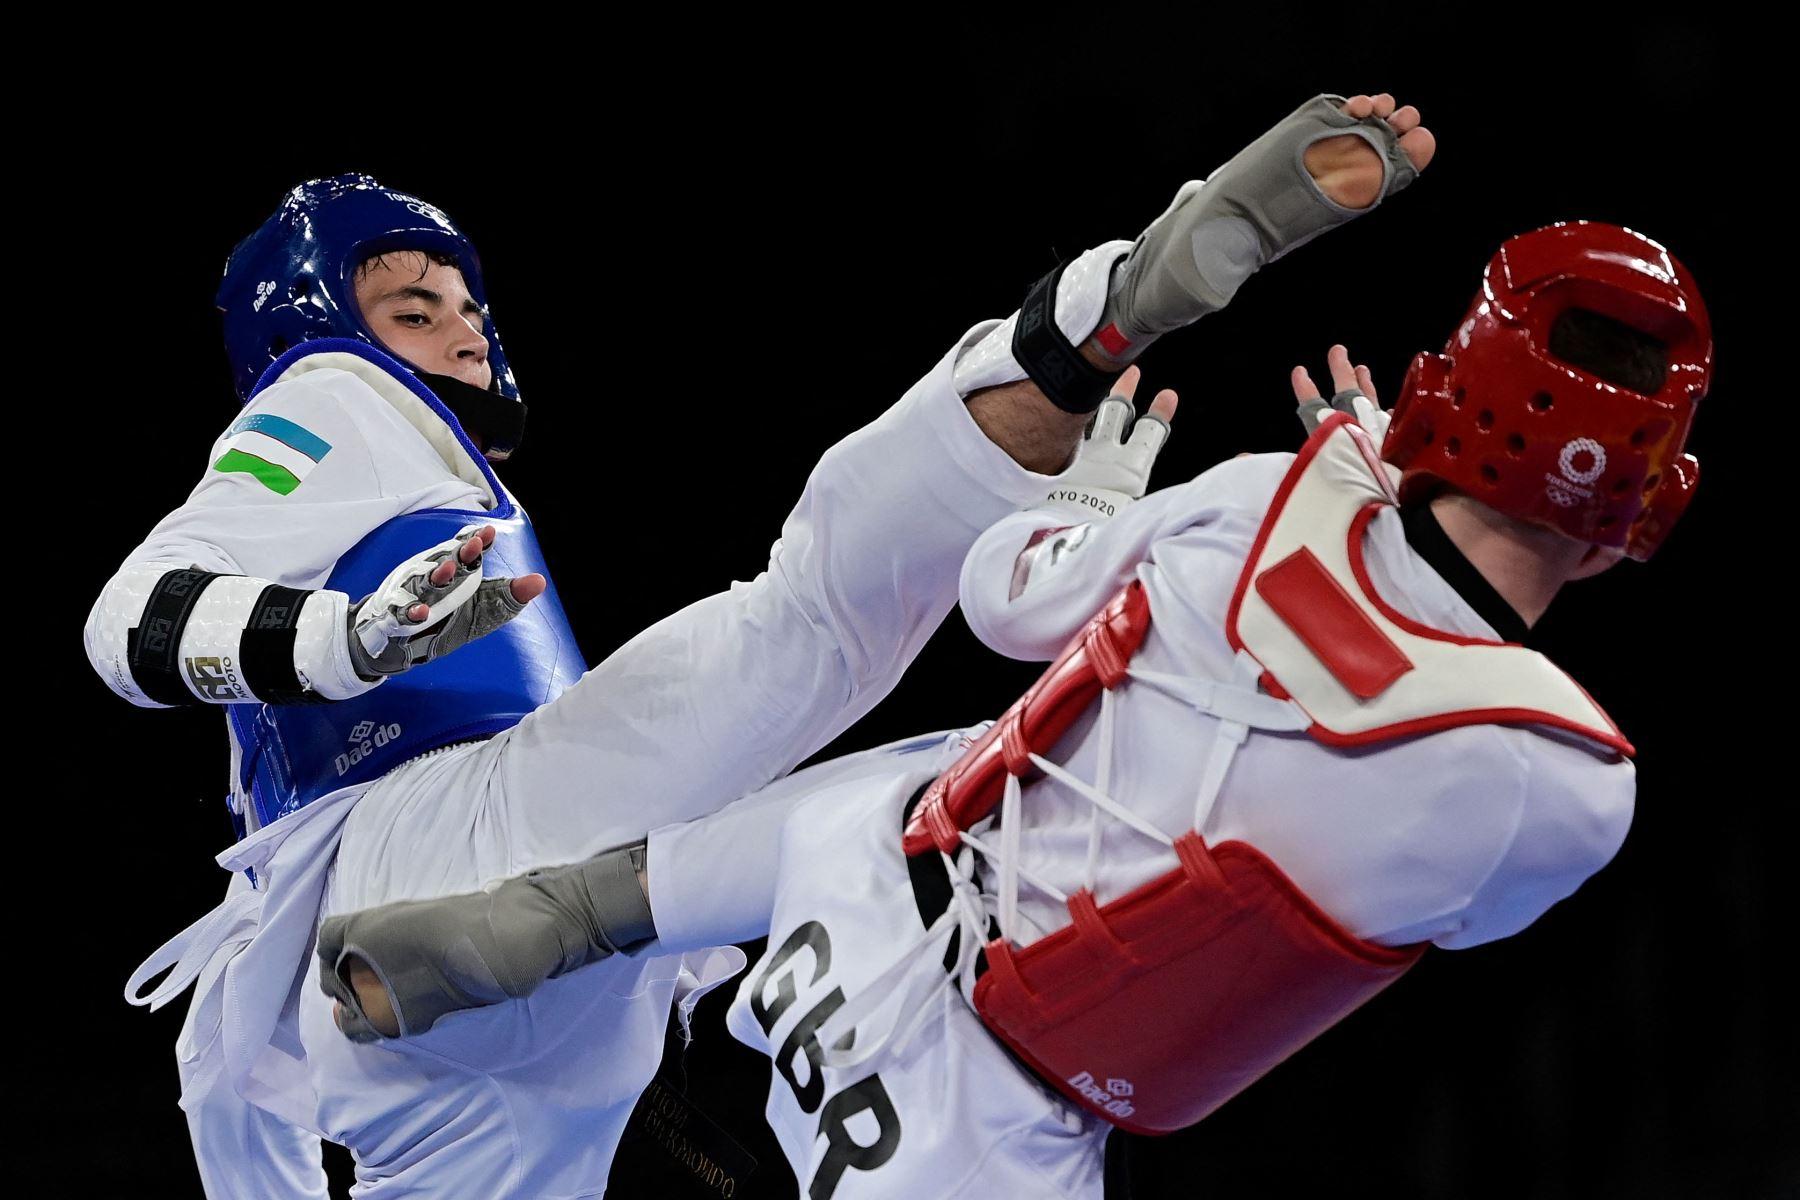 Ulugbek Rashitov de Uzbekistán y Bradly Sinden de Gran Bretaña compiten en la pelea por la medalla de oro de -68 kg de taekwondo masculino durante los Juegos Olímpicos de Tokio 2020 en el Makuhari Messe Hall en Tokio. Foto: AFP